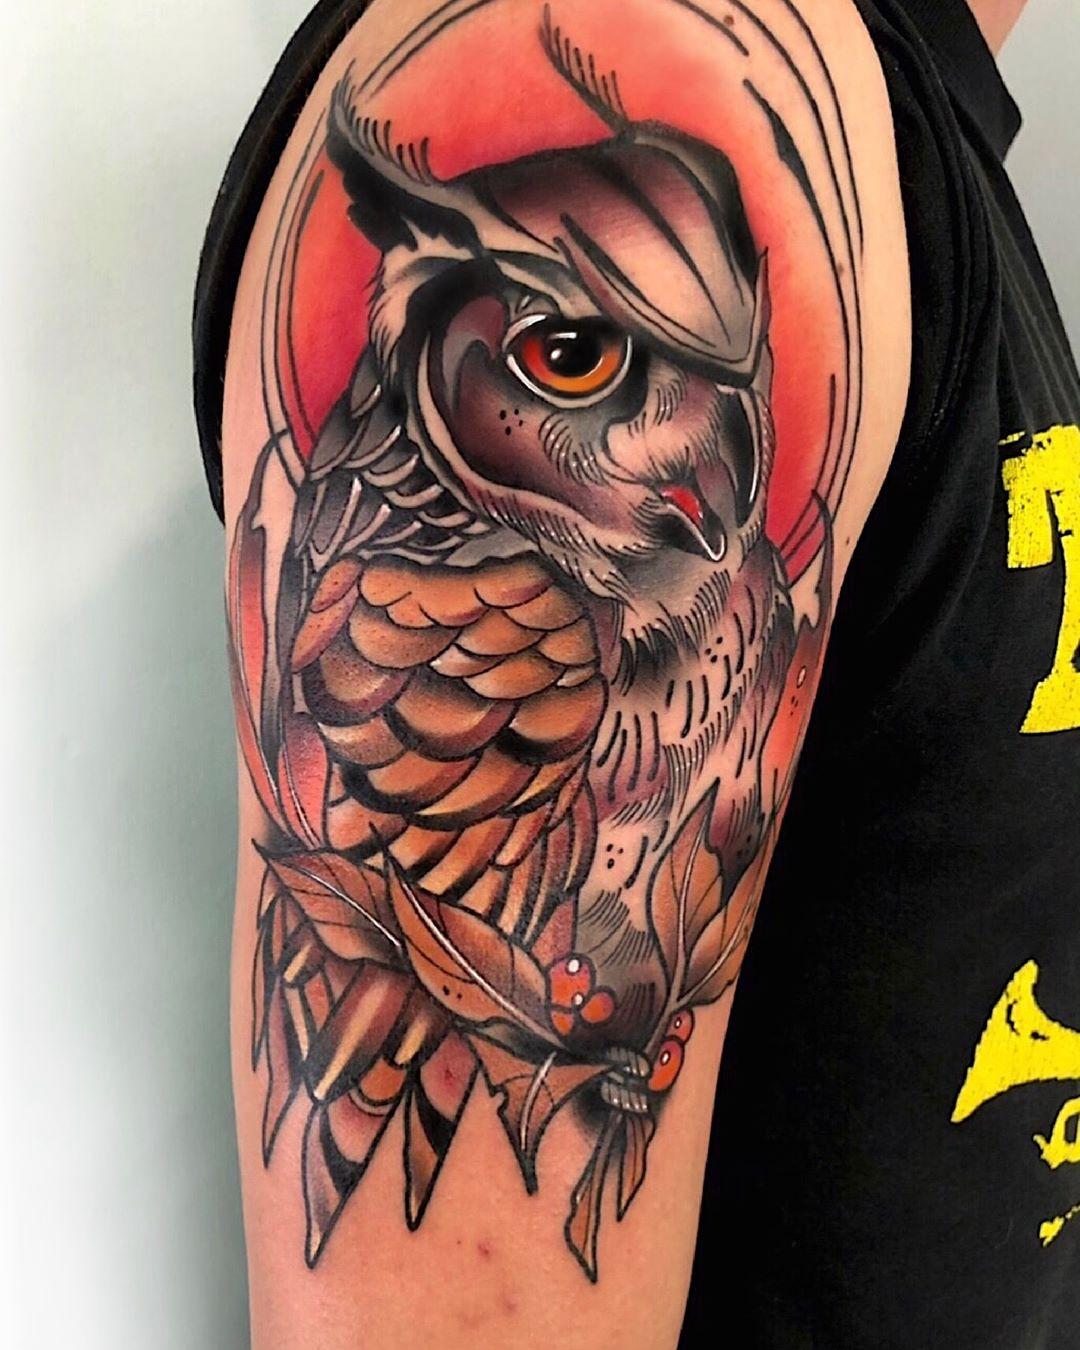 neotraditionaltattoo,neotraditionaltattoo,followforfollow,berlin,followmeciudadreal,ciudadreal,tomelloso,almagro,puertollano,tatuajesenpuertollano,tatuajesendaimiel,ciudadrealtattoo,ciudadrealtatuajes,tatuajesciudadreal,follow,ciudadrealtatuajes,puertollano,ciudadreal,tattoos,ciudadrealtattoo,tattooers,besttattooers,juantabasco,ciudadrealsetatua,ink,tatuajes,realismo,realistictattoo,ciudadrealtattoo,tatuajesenpuertollano,traditionaltattoos,castillalamancha,ink,tattooart,zurichtattoo